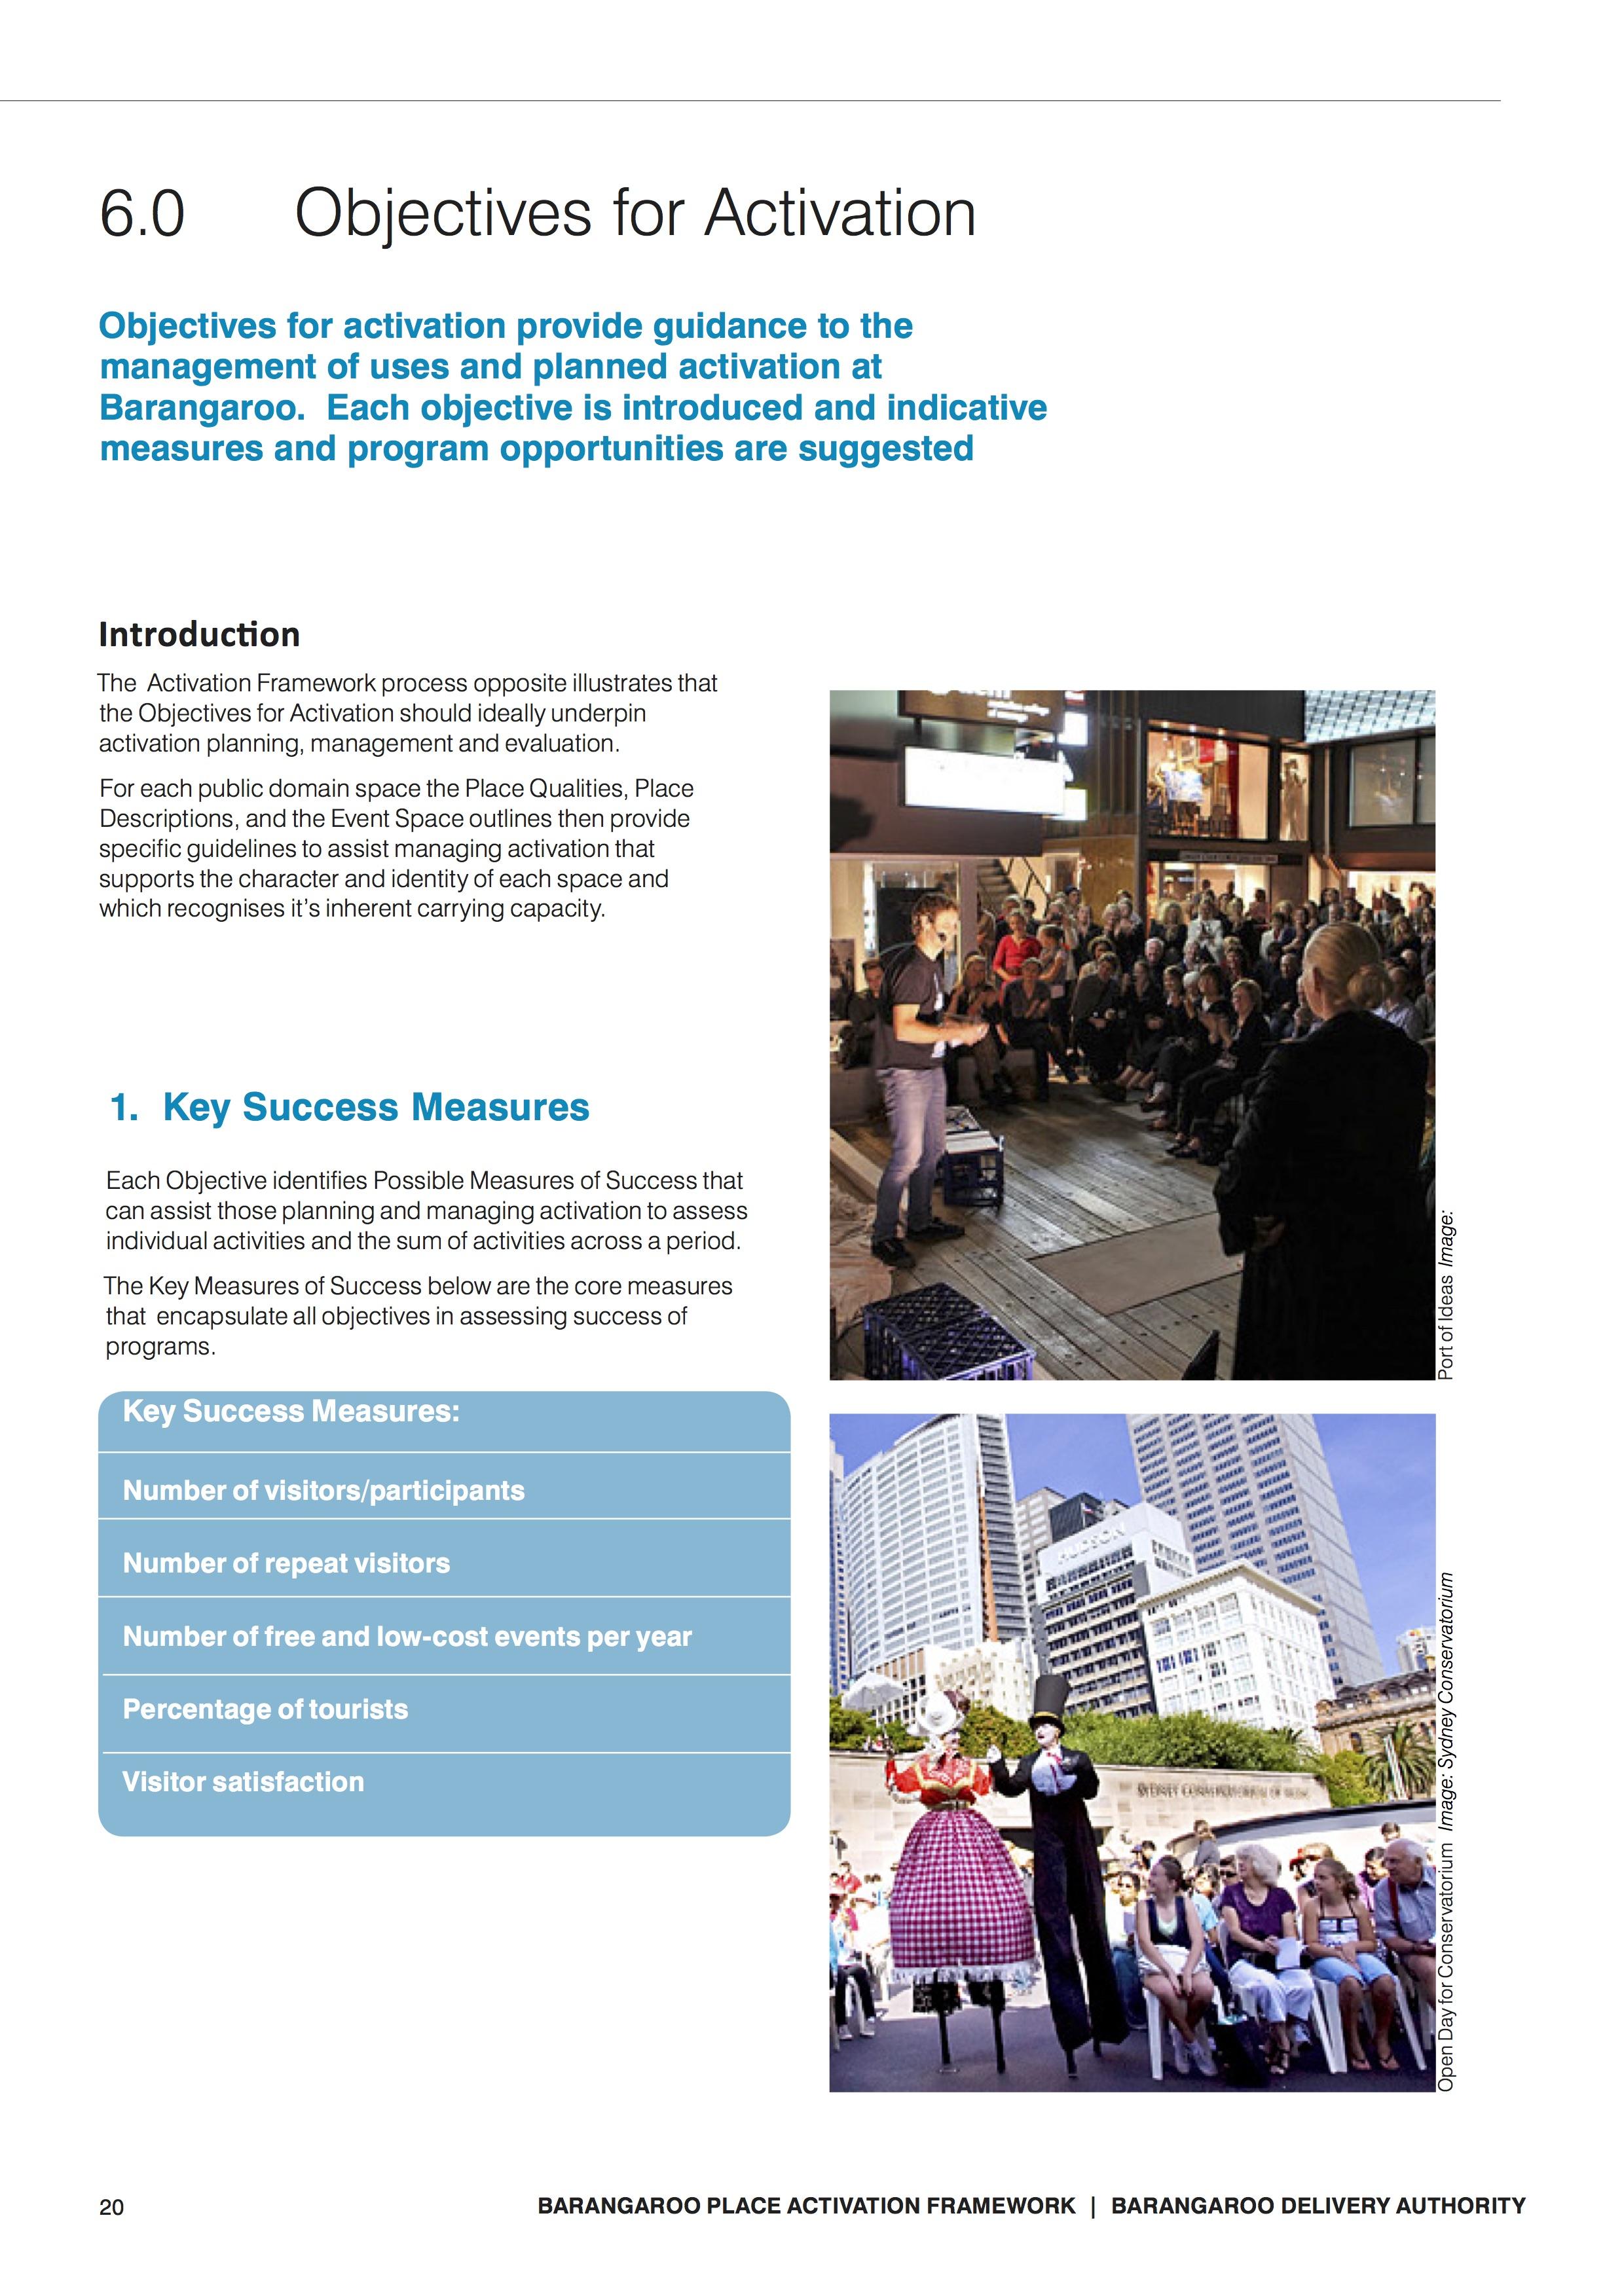 Barangaroo Place Activation Framework